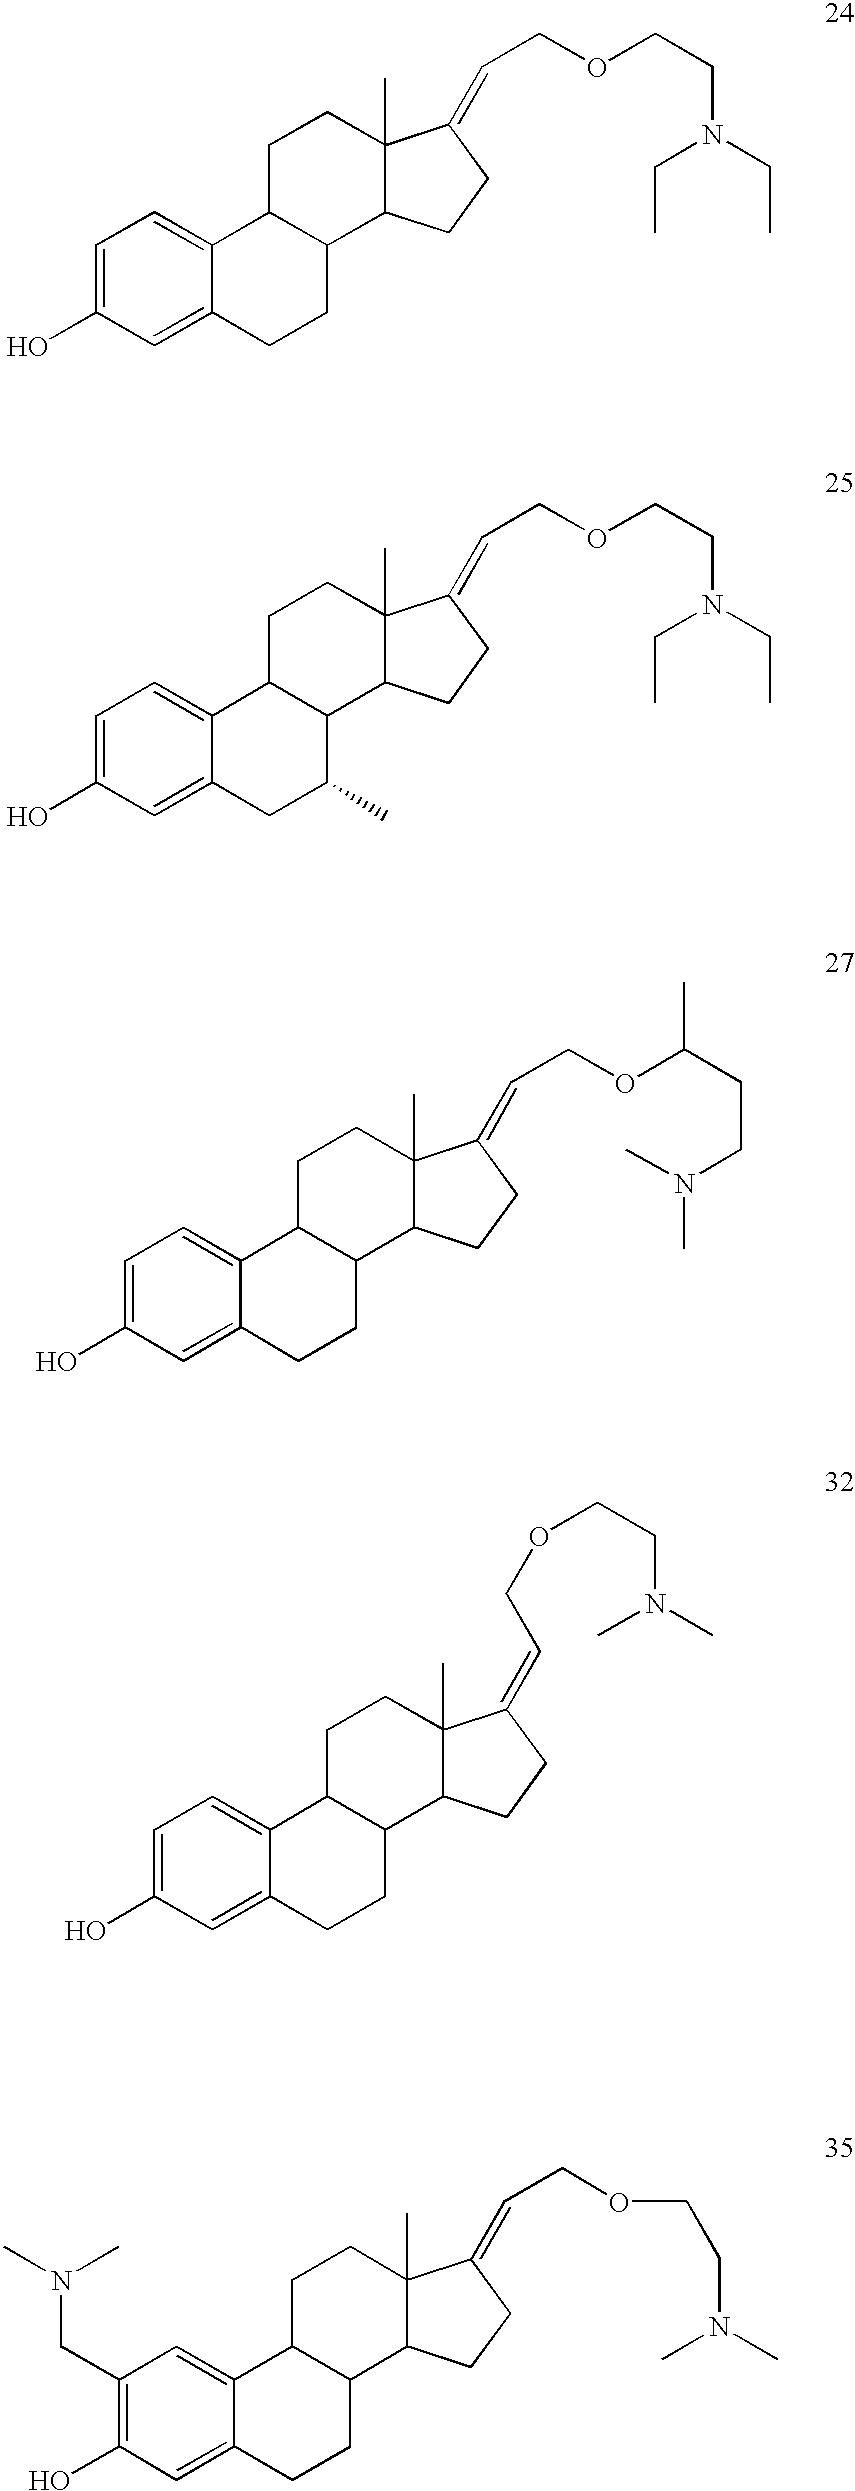 Figure US06747018-20040608-C00023